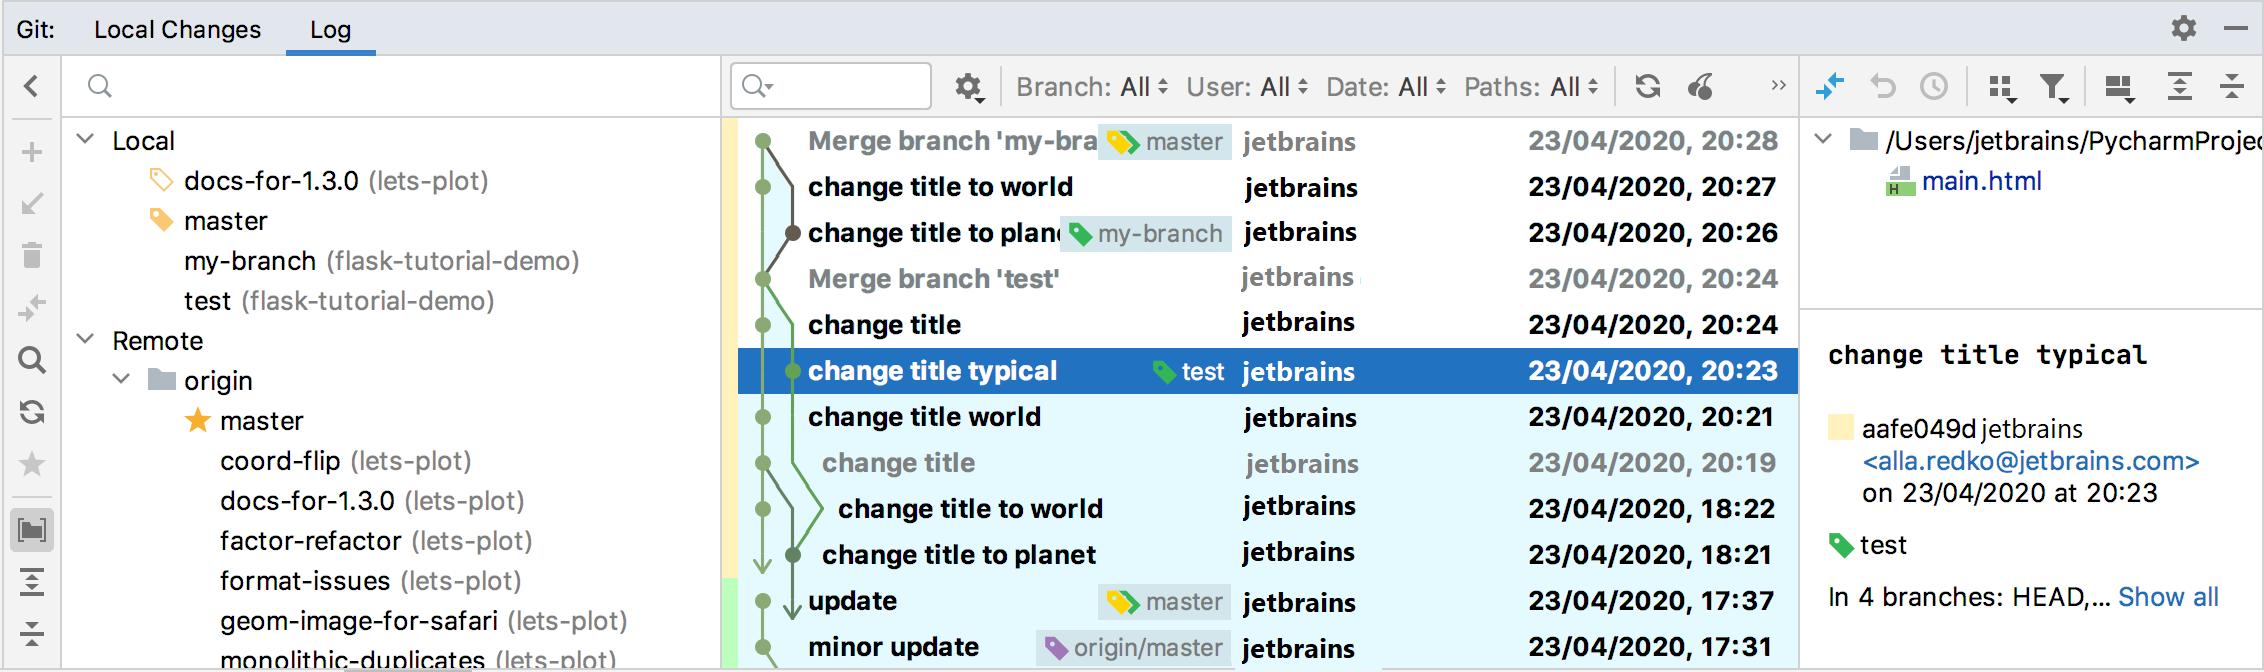 Login tab of the Git tool window